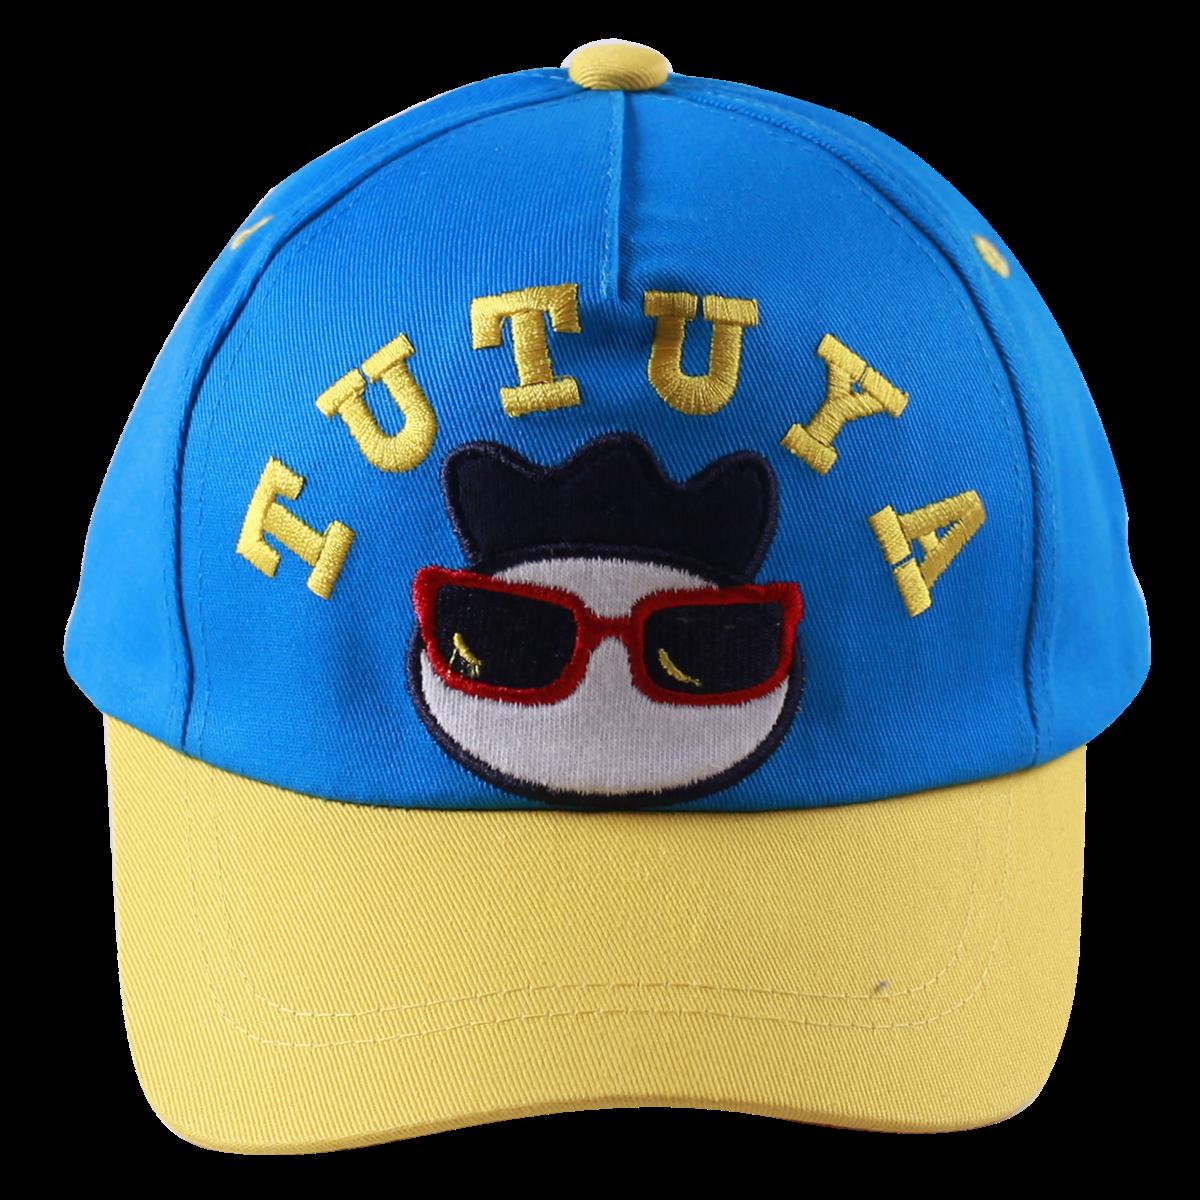 Mũ lưỡi trai Tutuya màu xanh lưỡi vàng